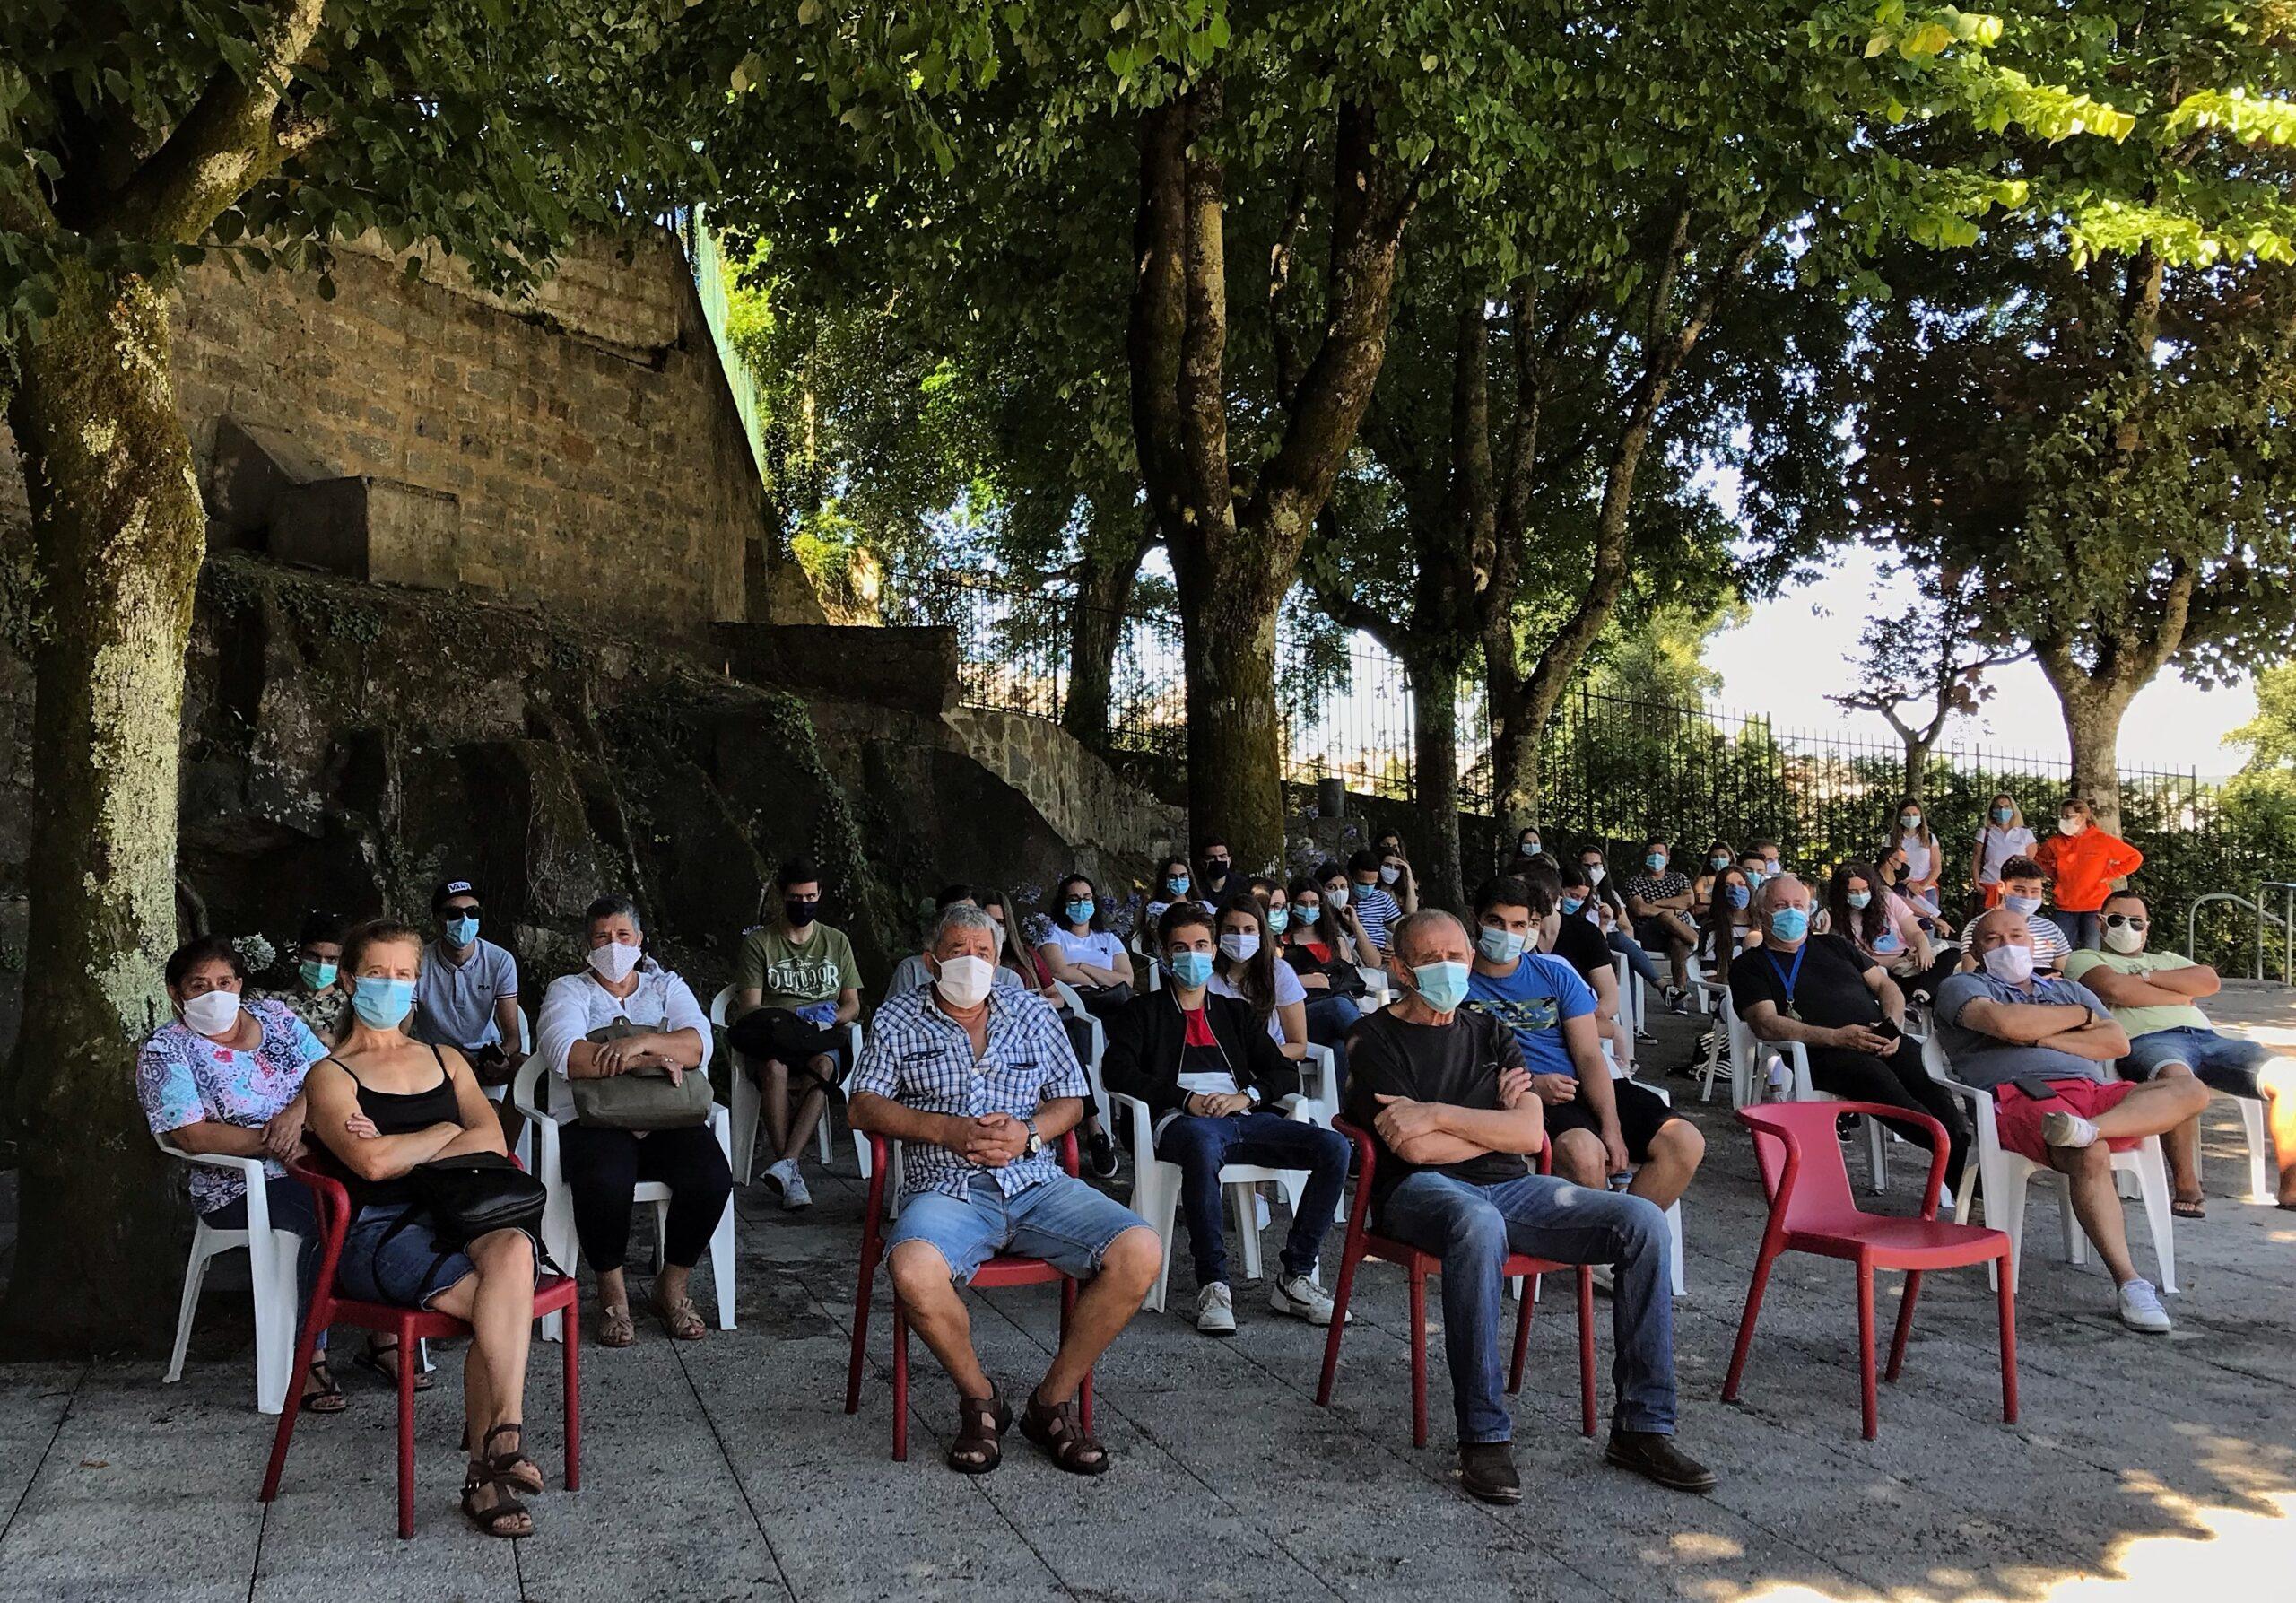 Colaboradores das piscinas municipais de Braga receberam formação sobre plano de contingência Covid-19